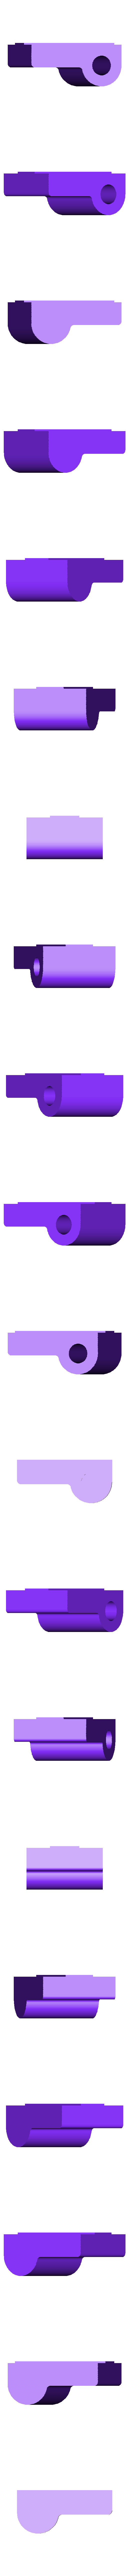 Shaft_Support.STL Télécharger fichier STL gratuit Support pour comparateur à cadran • Modèle imprimable en 3D, perinski